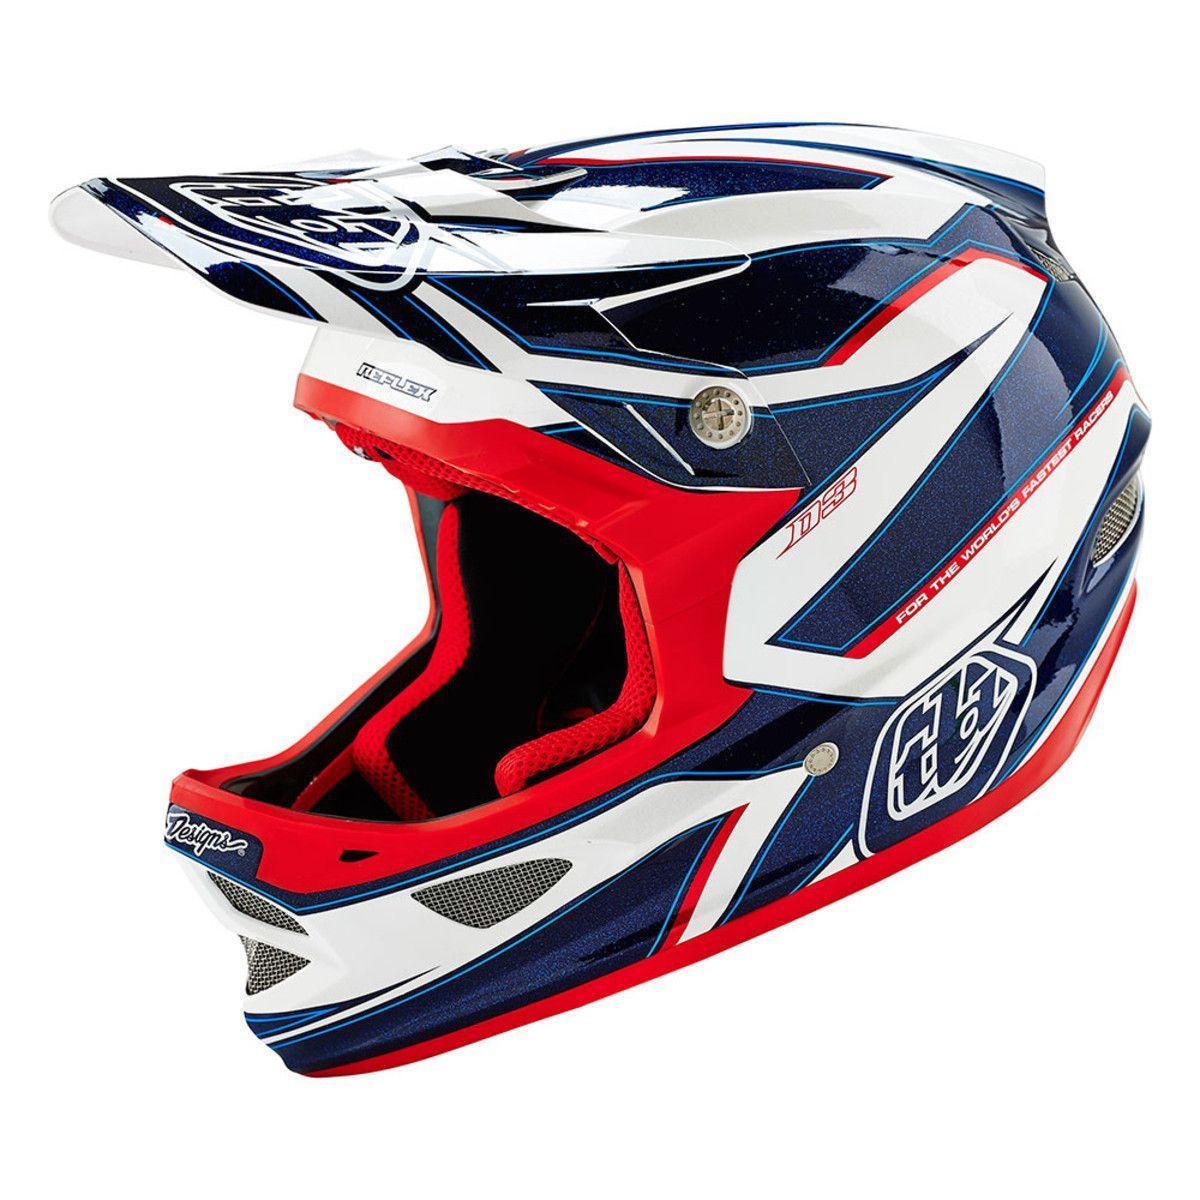 Troy Lee Designs D3 Composite Full Face Helmet For Mountain Bike